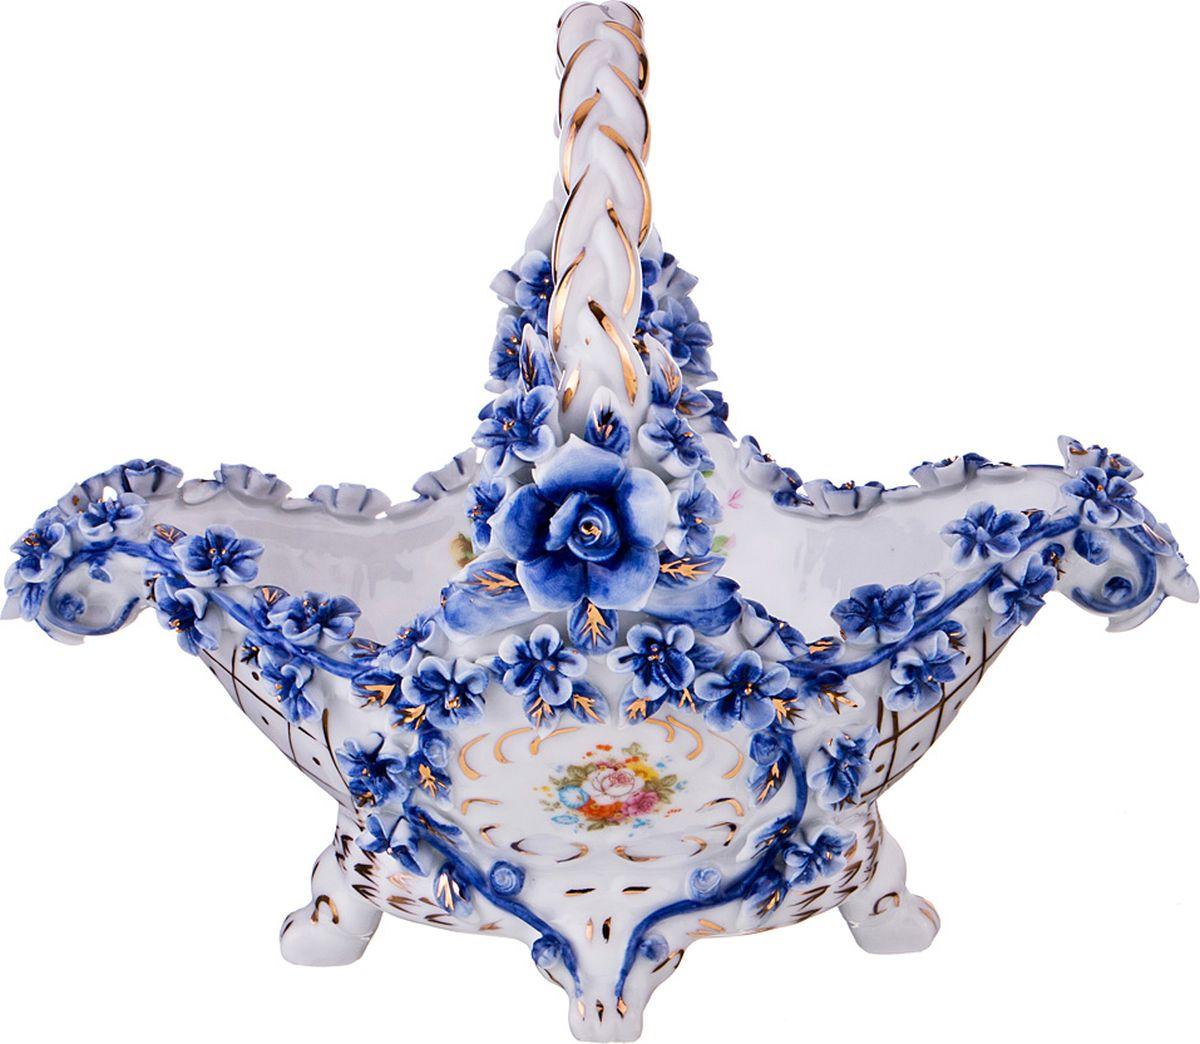 Ваза Lefard, цвет: разноцветный, высота 18 см ваза nina glass грейси цвет оранжевый высота 19 см